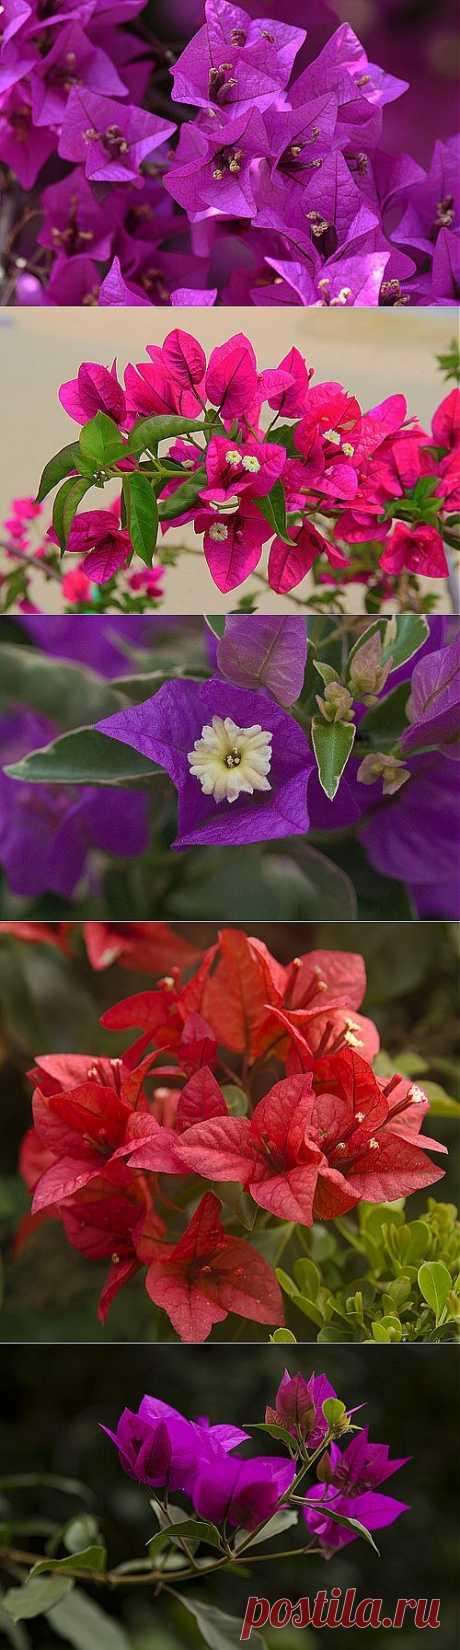 Бугенвиллия — необычно живописная лиана с яркими цветами